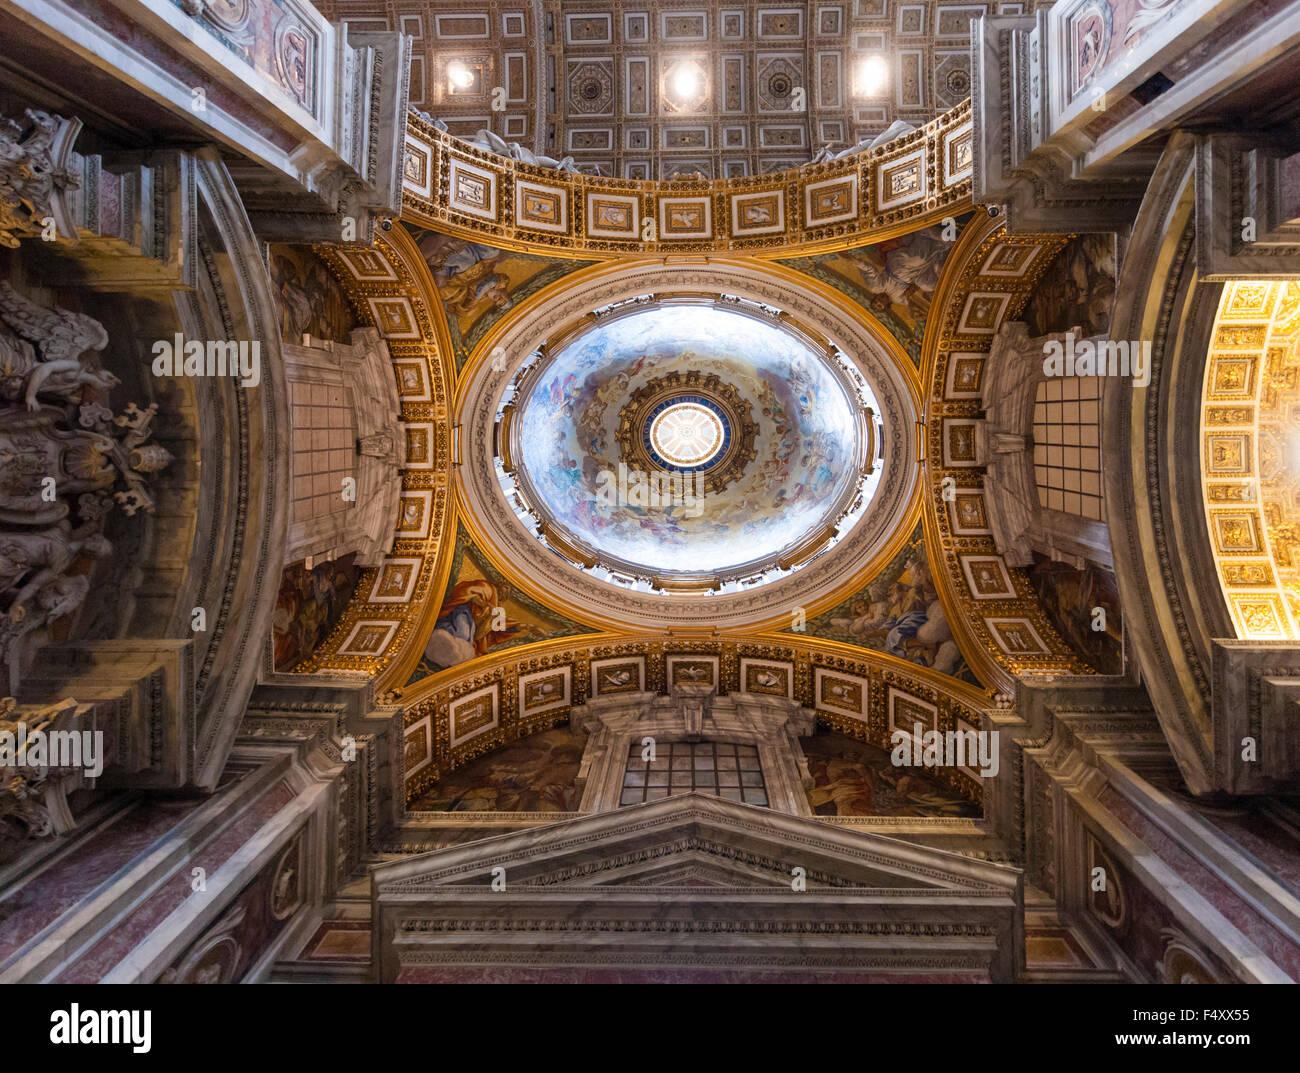 Interno della Basilica di San Pietro e Città del Vaticano: principale cupola sopra il presbiterio, visto da Immagini Stock